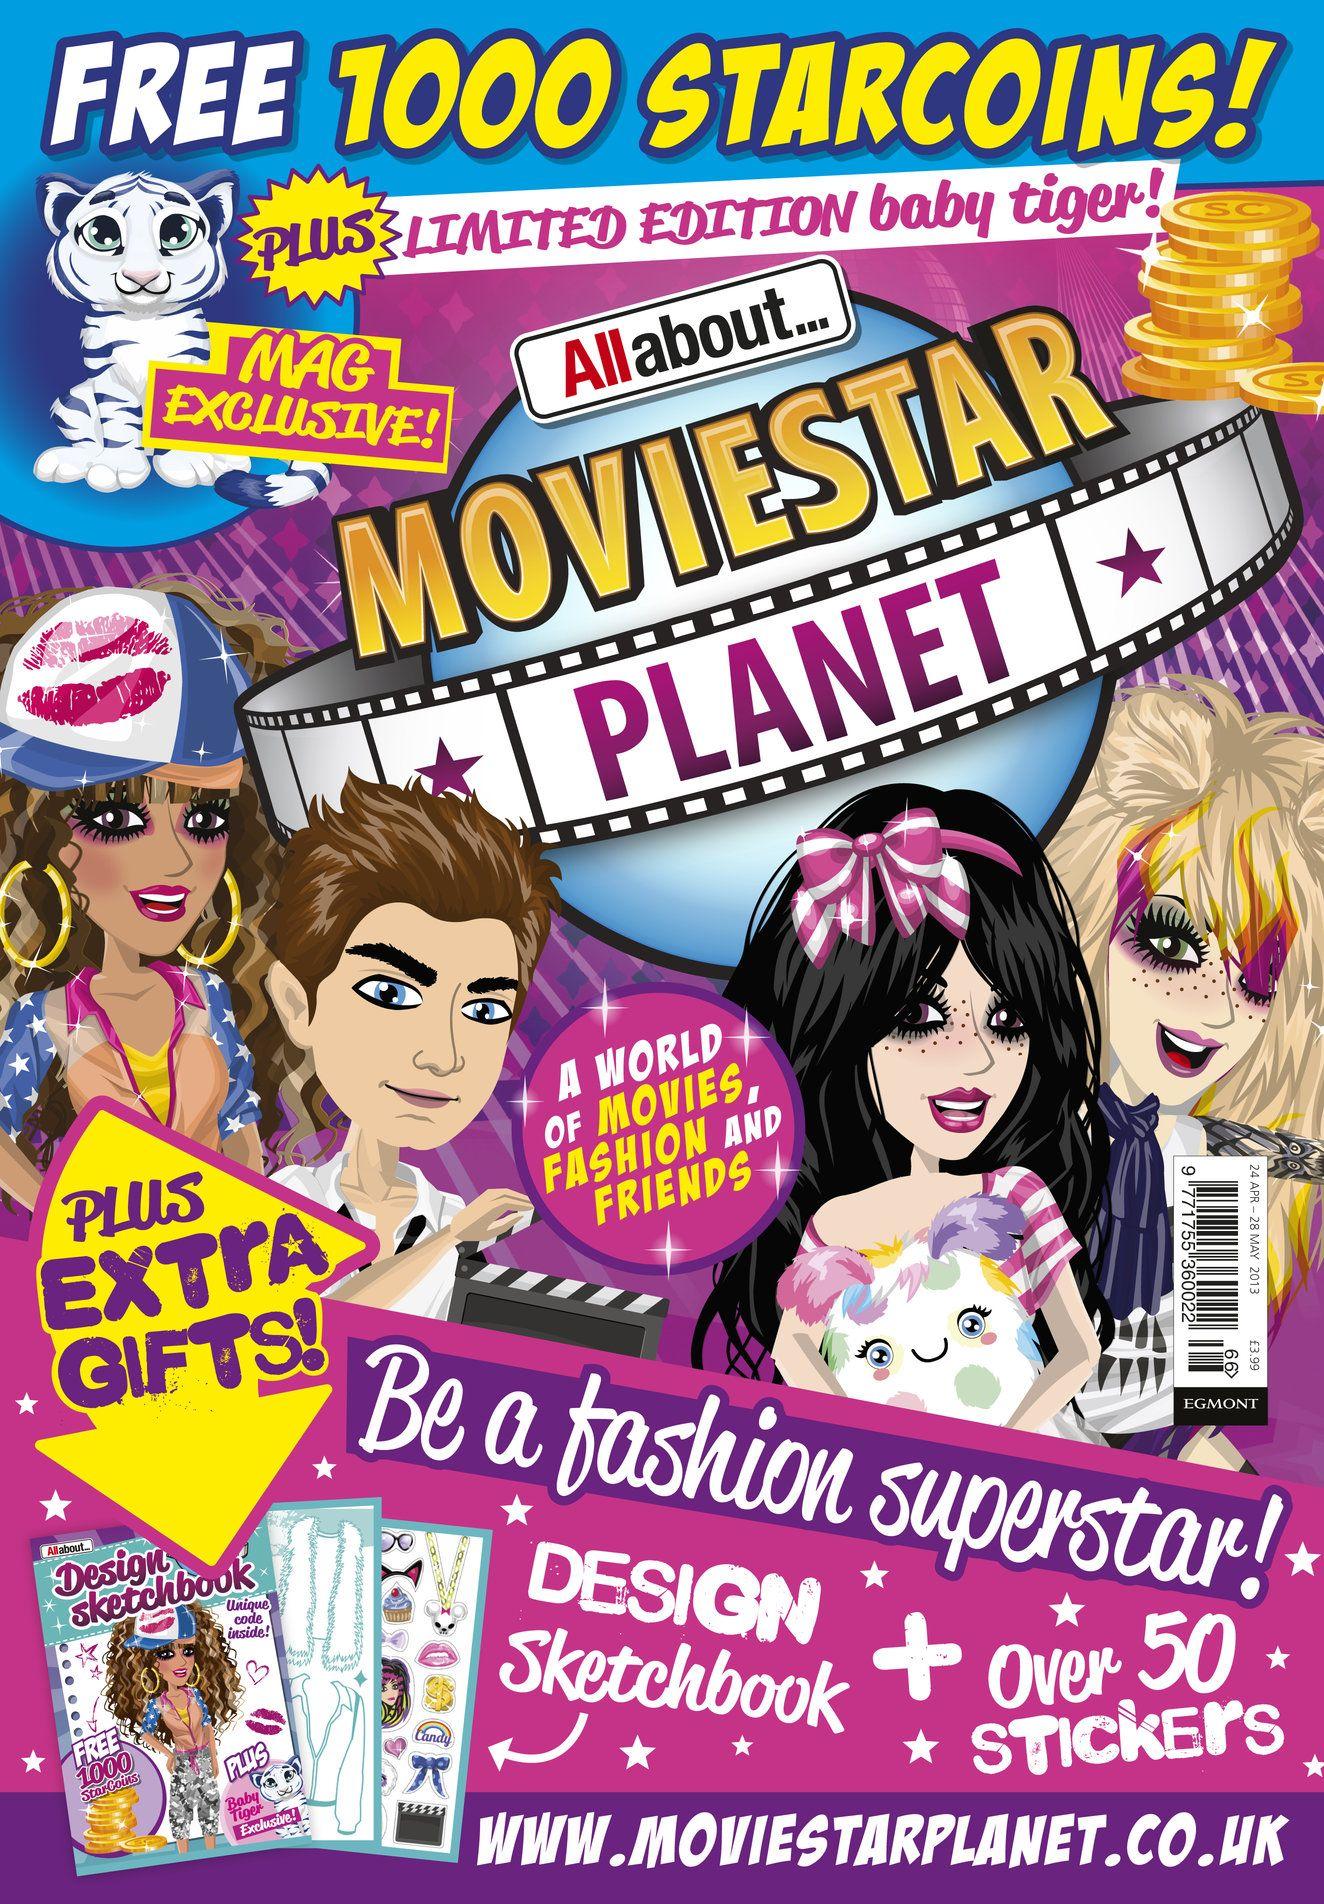 The amazing magazine UK Edition